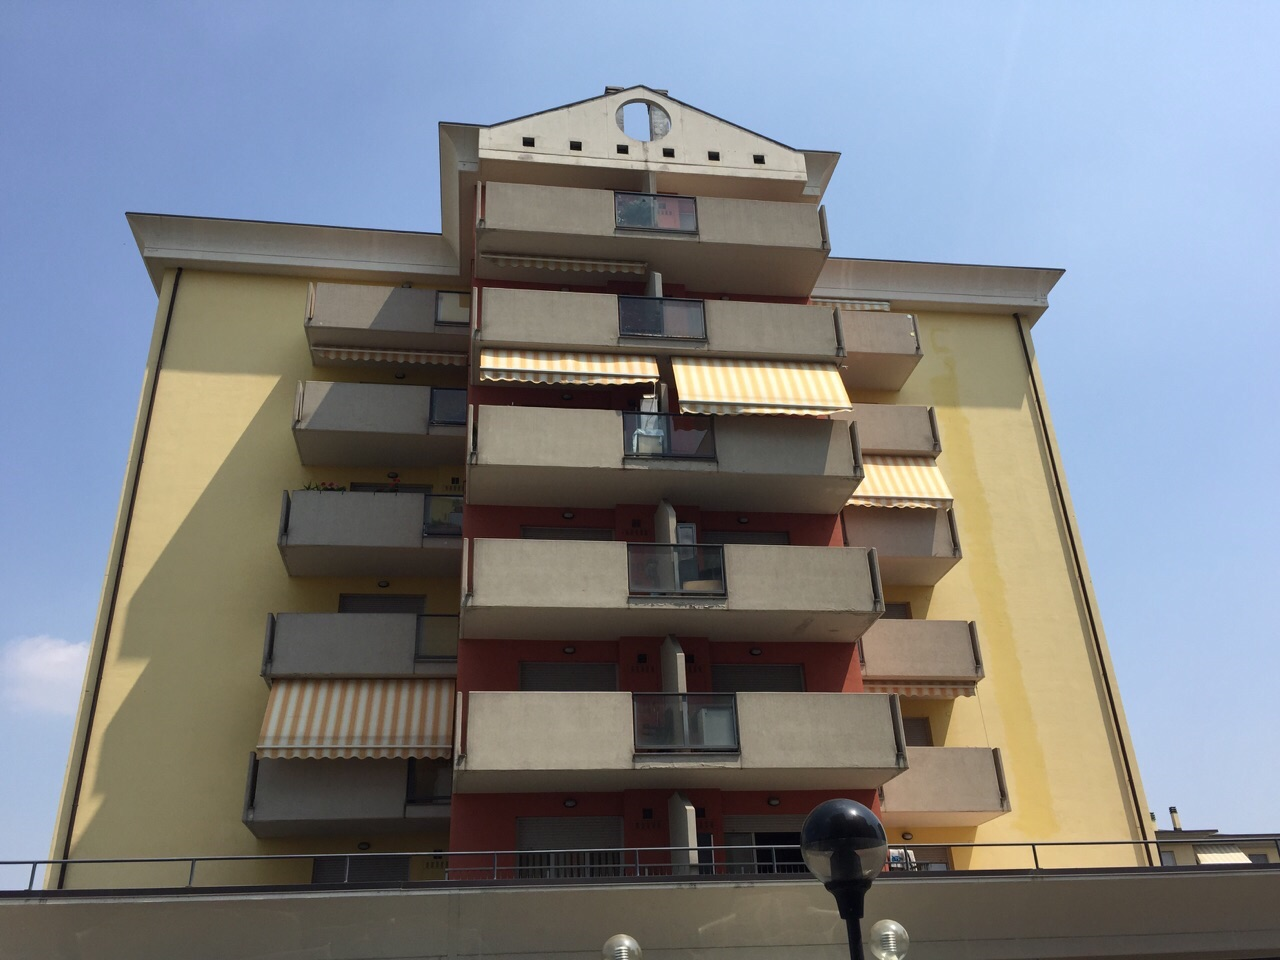 Appartamento monolocale arredato in affitto a dalmine zona for Contratto di locazione immobile arredato